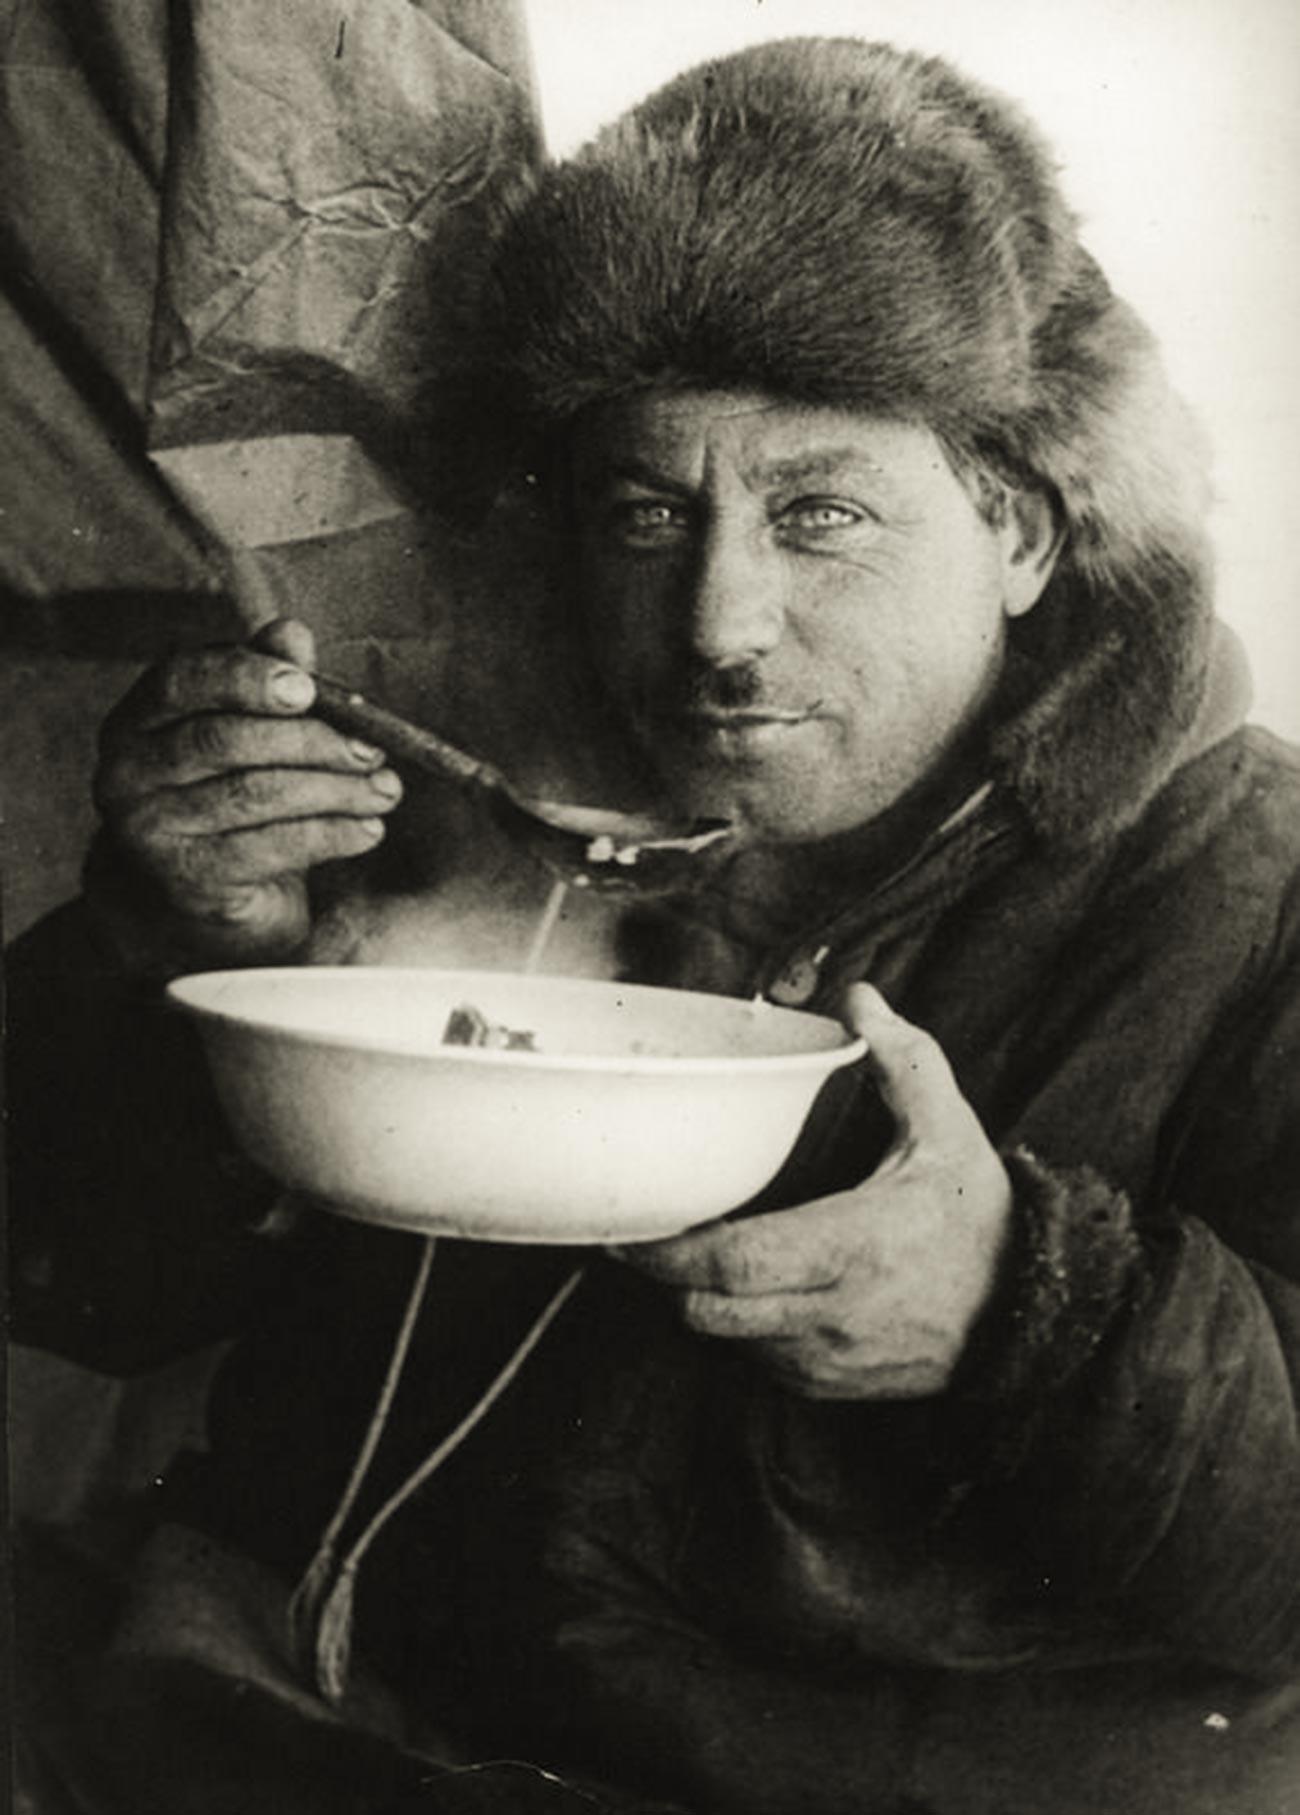 イワン・パパーニン隊長が探検初の料理を試す